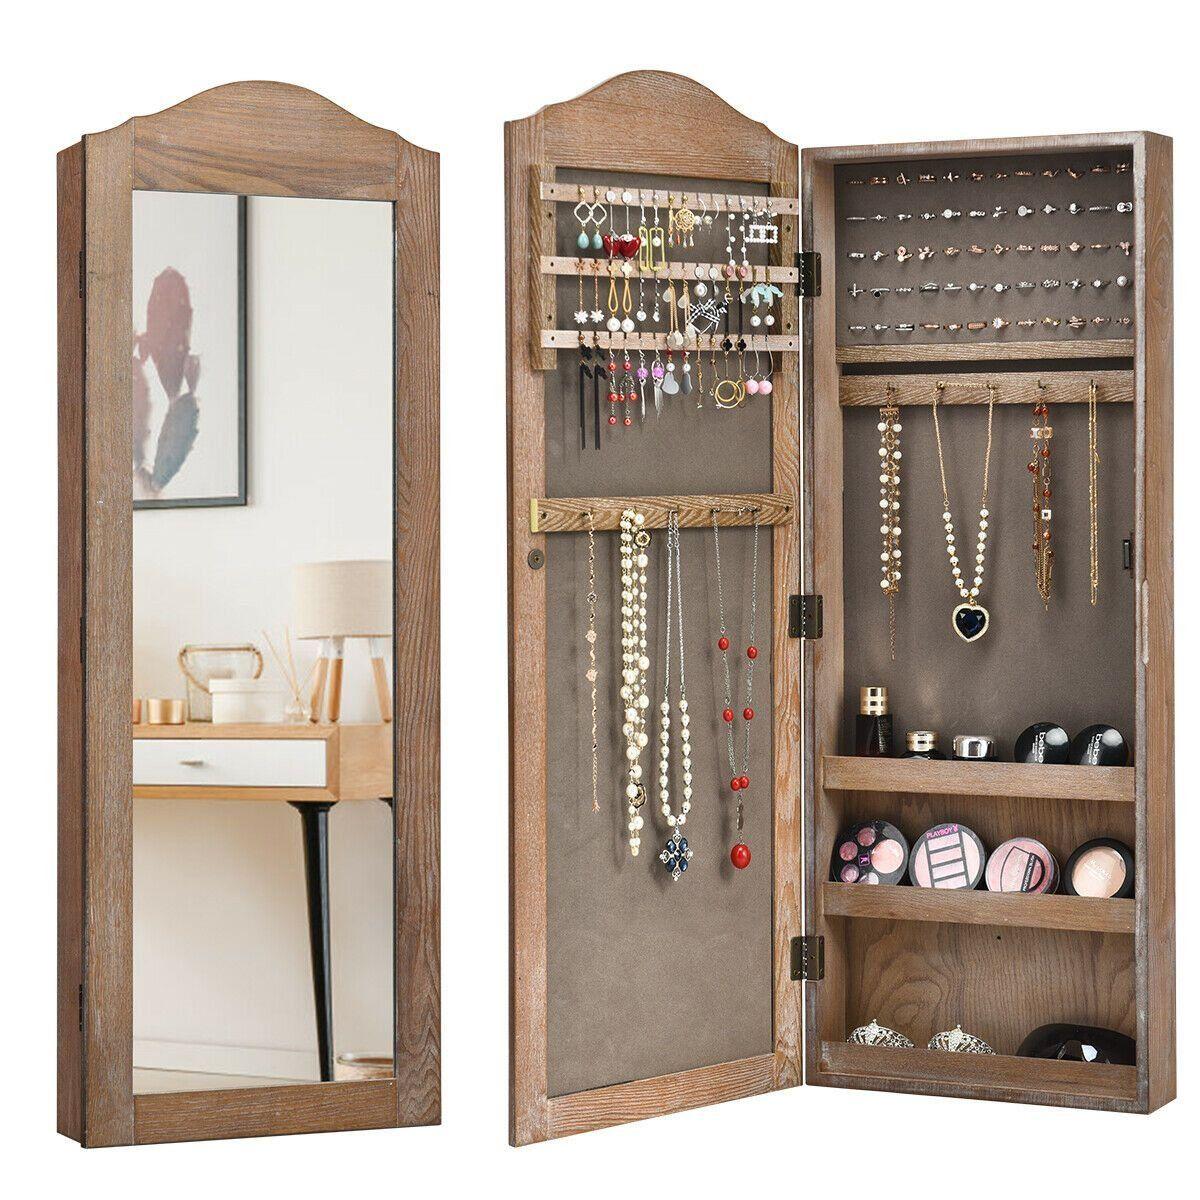 Gymax Mirrored Jewelry Armoire Storage Organizer